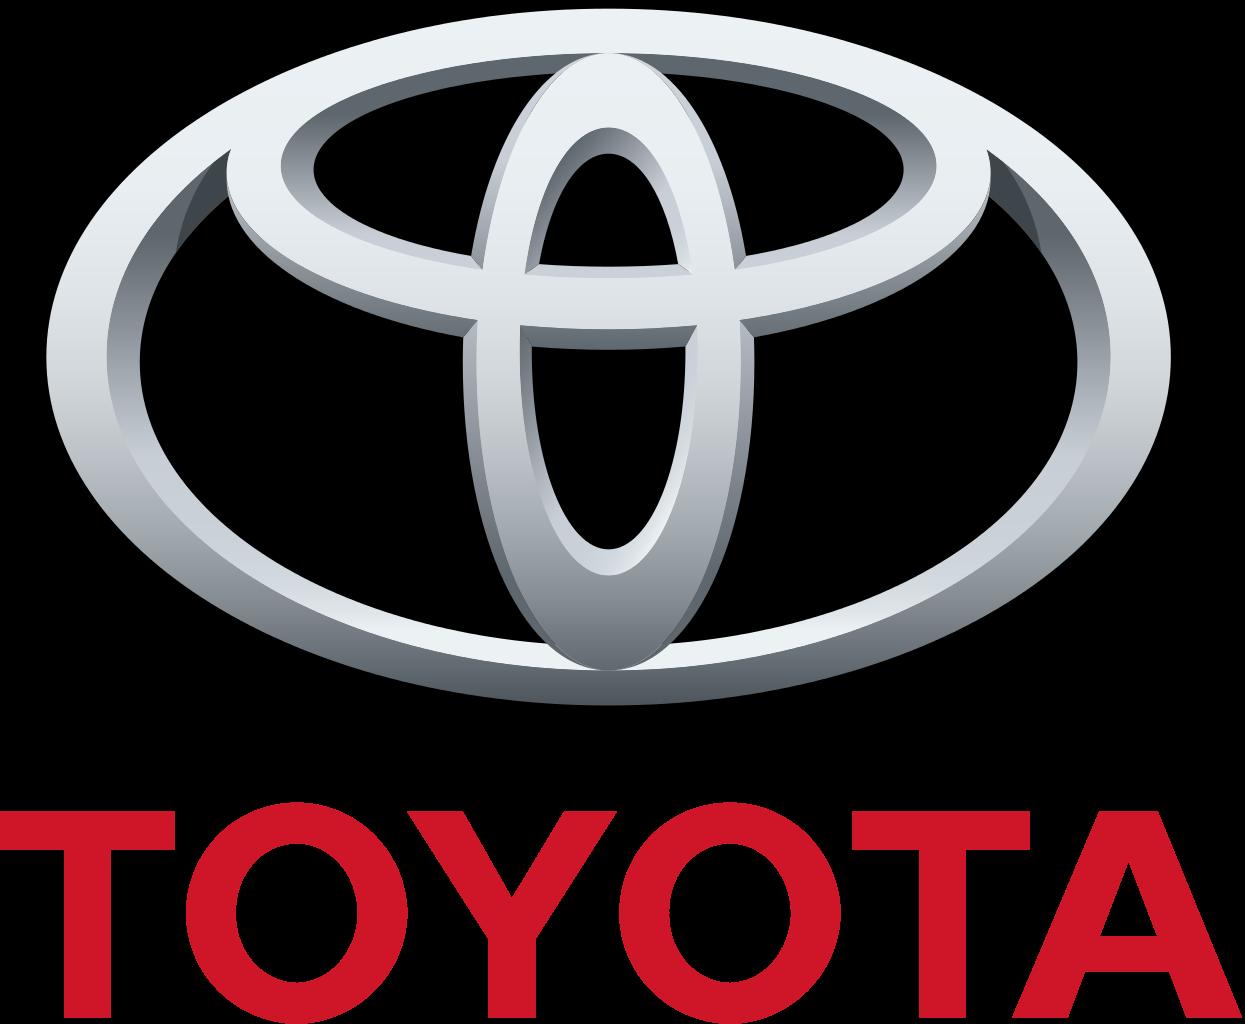 Toyota_logo2.svg